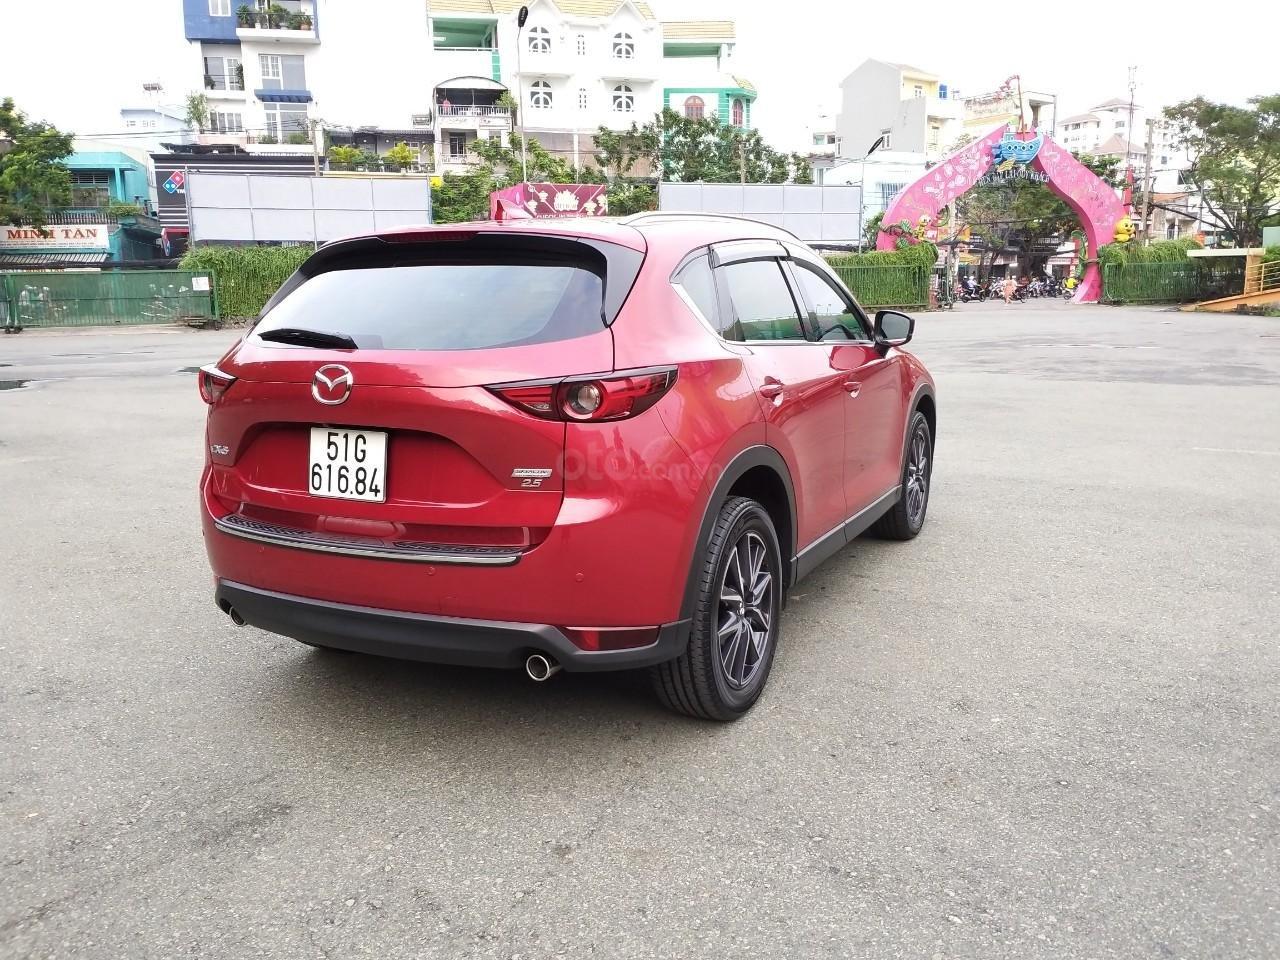 Mazda CX5 2019, xe nhà trùm mền, đỏ siêu sang, siêu mới, mới 99,99% như xe thùng mới xuất hãng, mua tiết kiệm được 150tr (7)